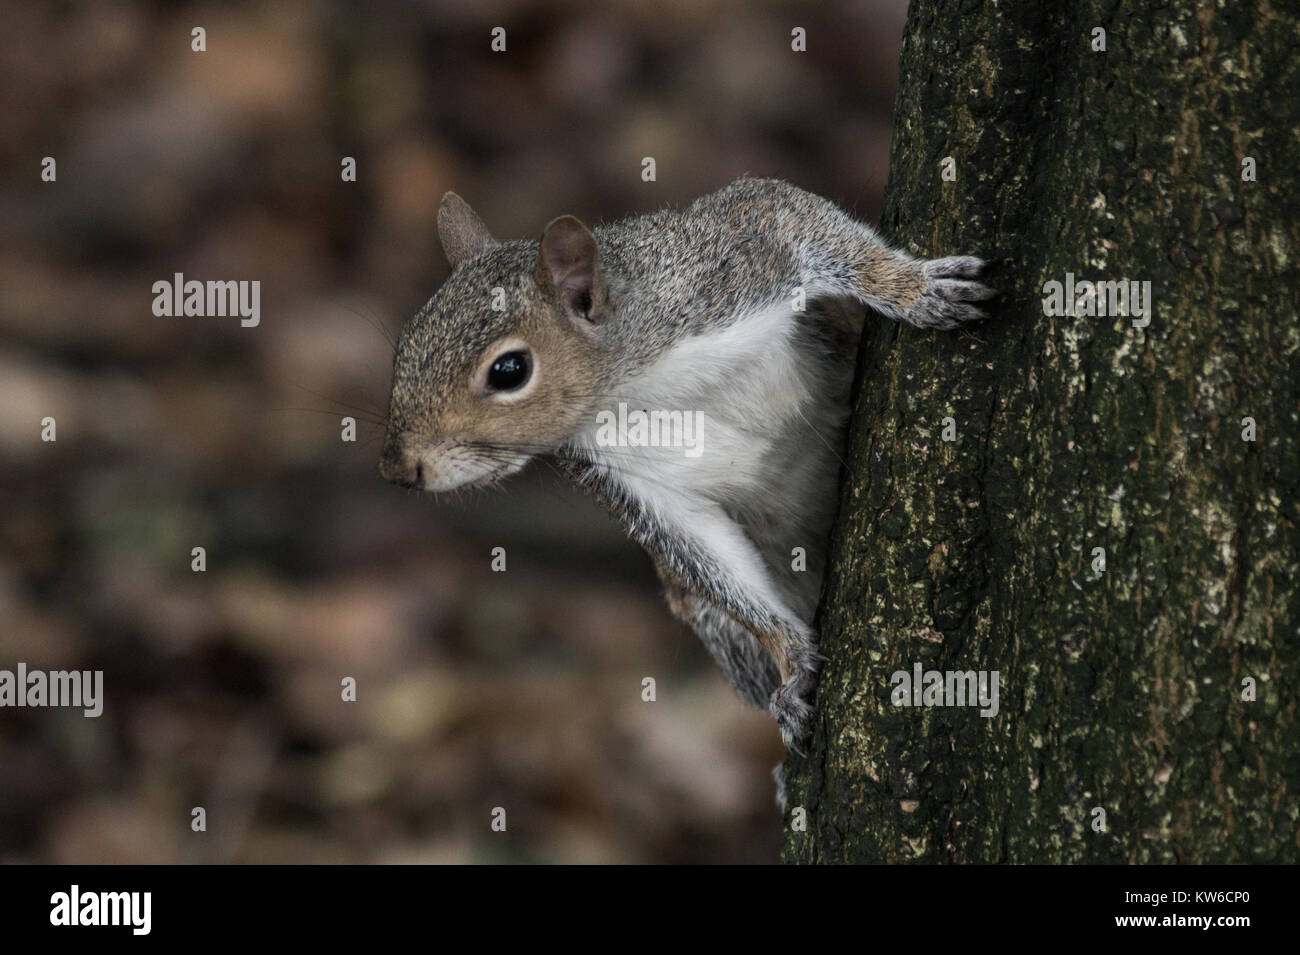 Un écureuil gris sur un arbre dans le pays de Galles UK Photo Stock